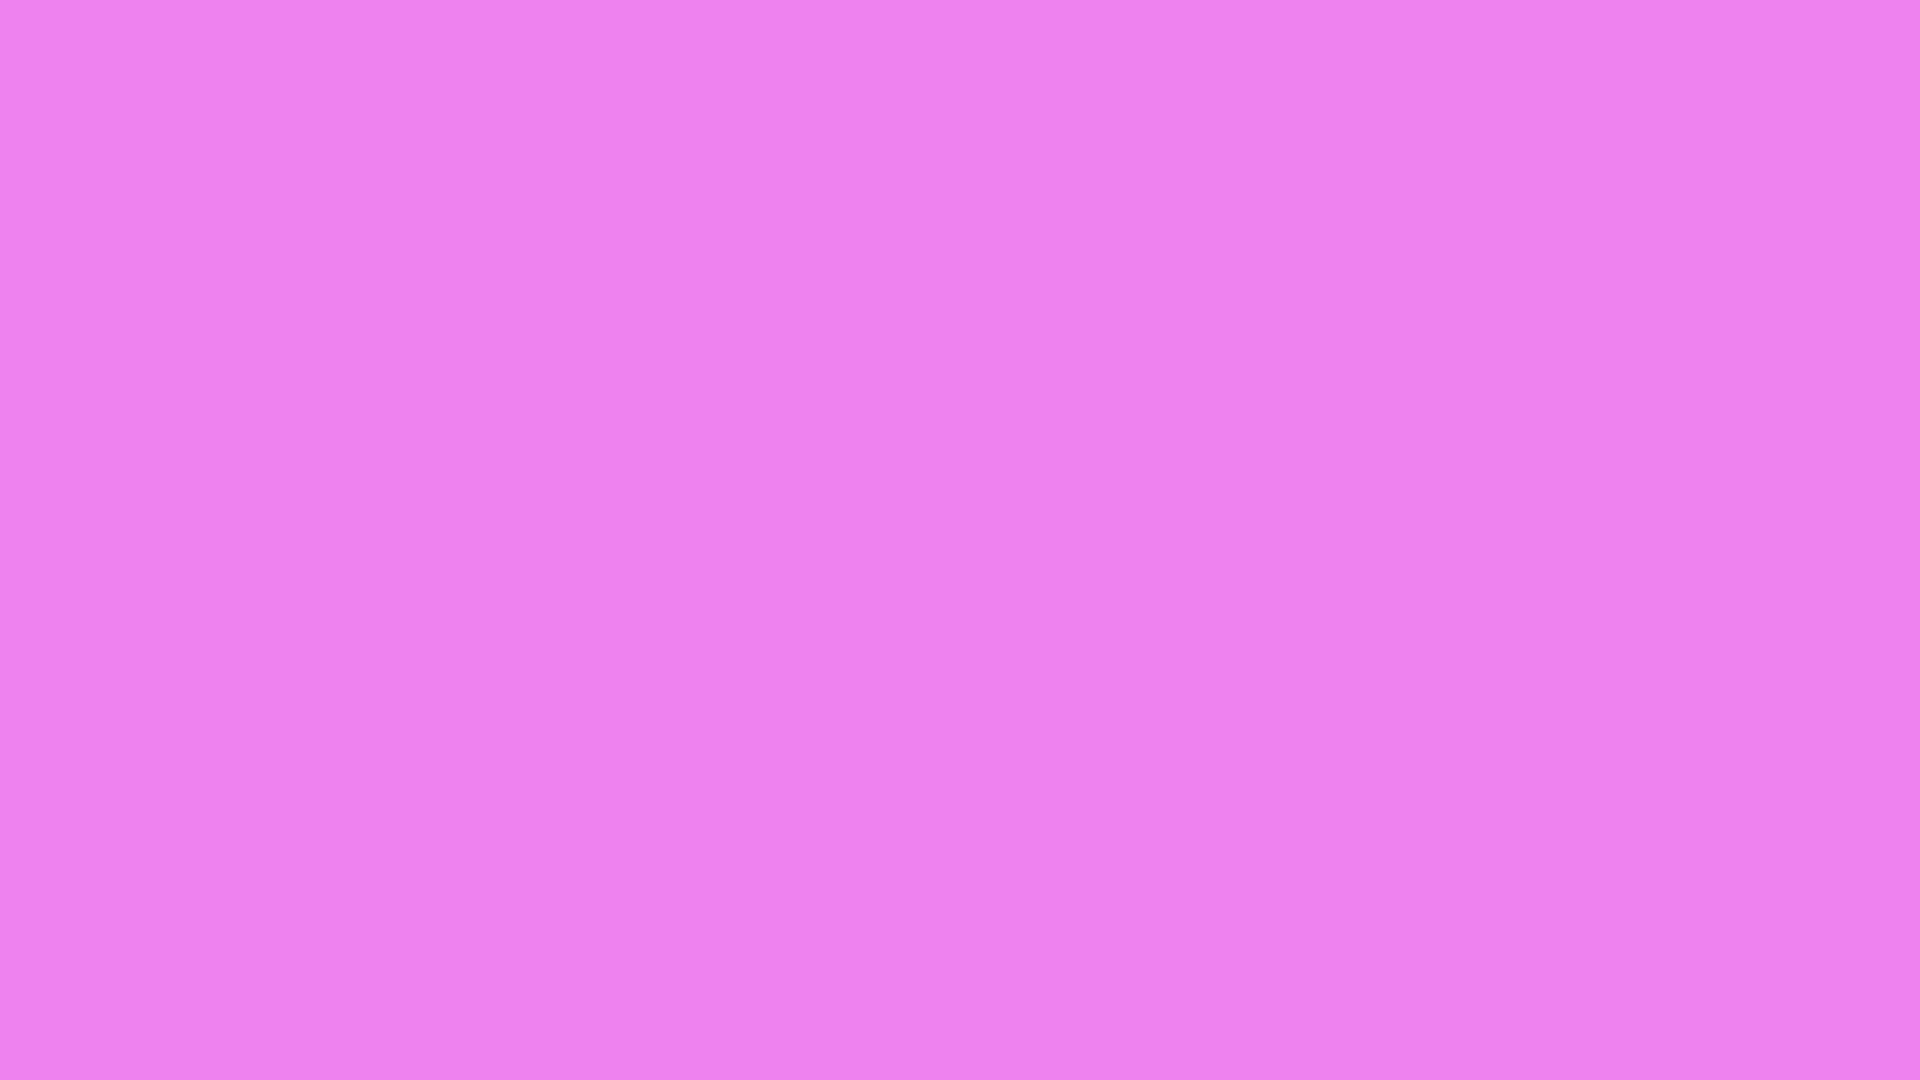 1920x1080 Lavender Magenta Solid Color Background